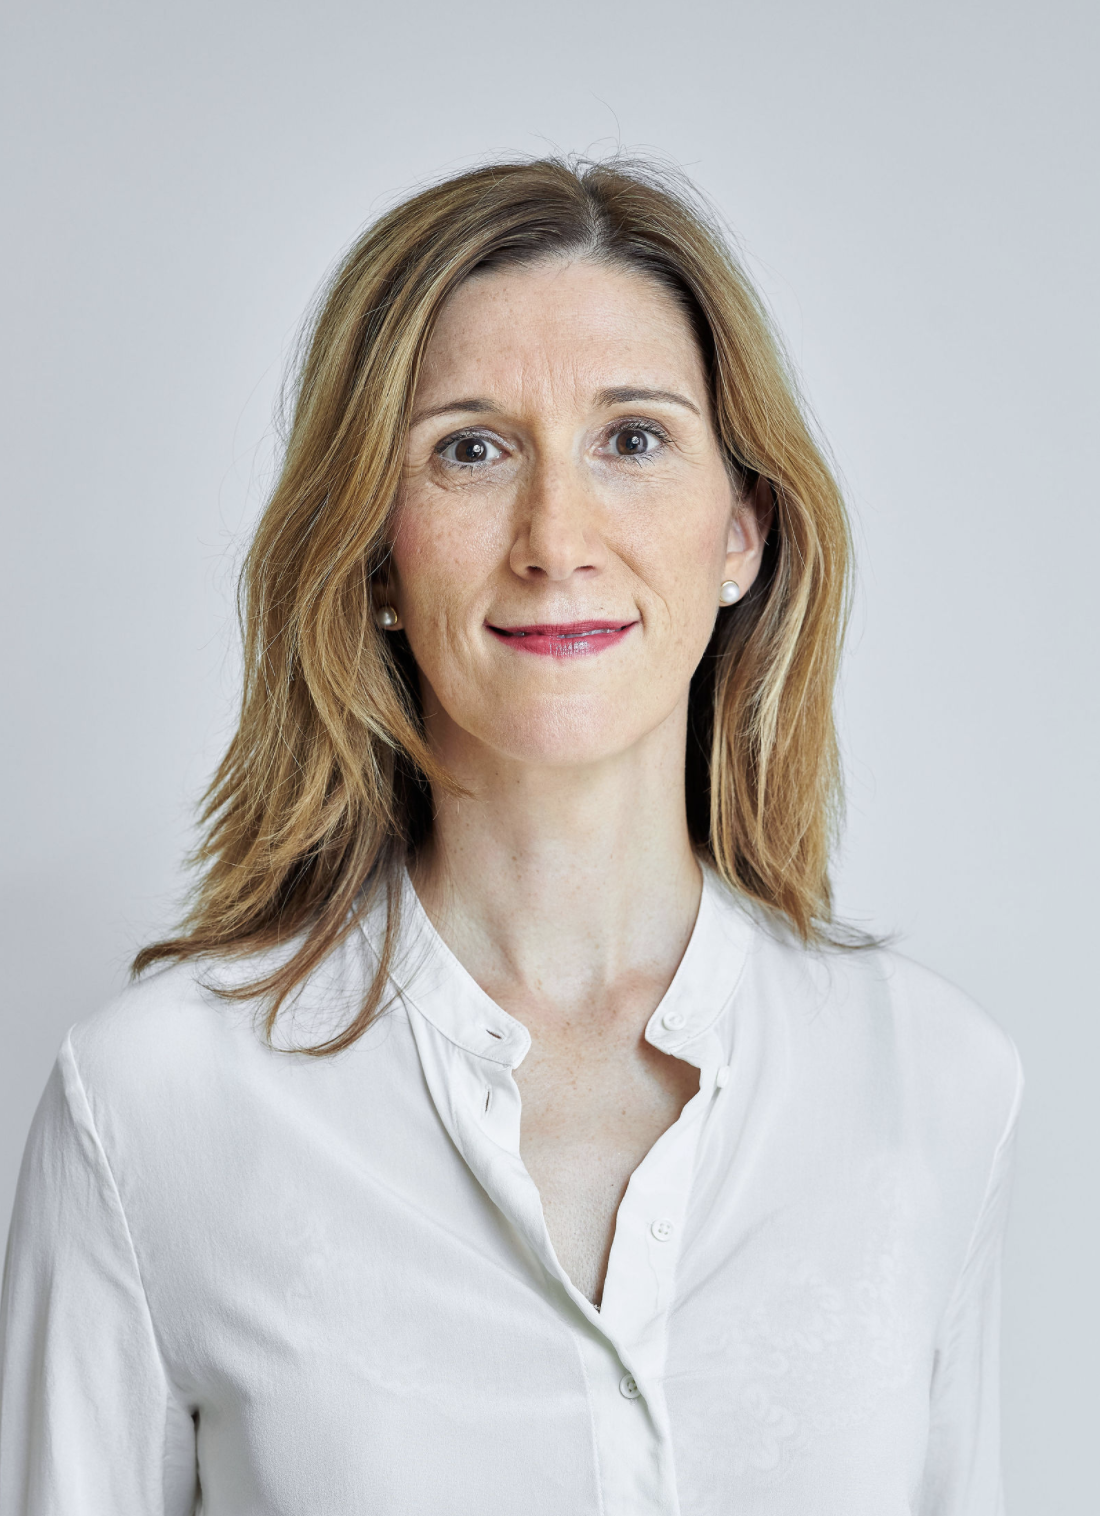 Astrid Wittenberger